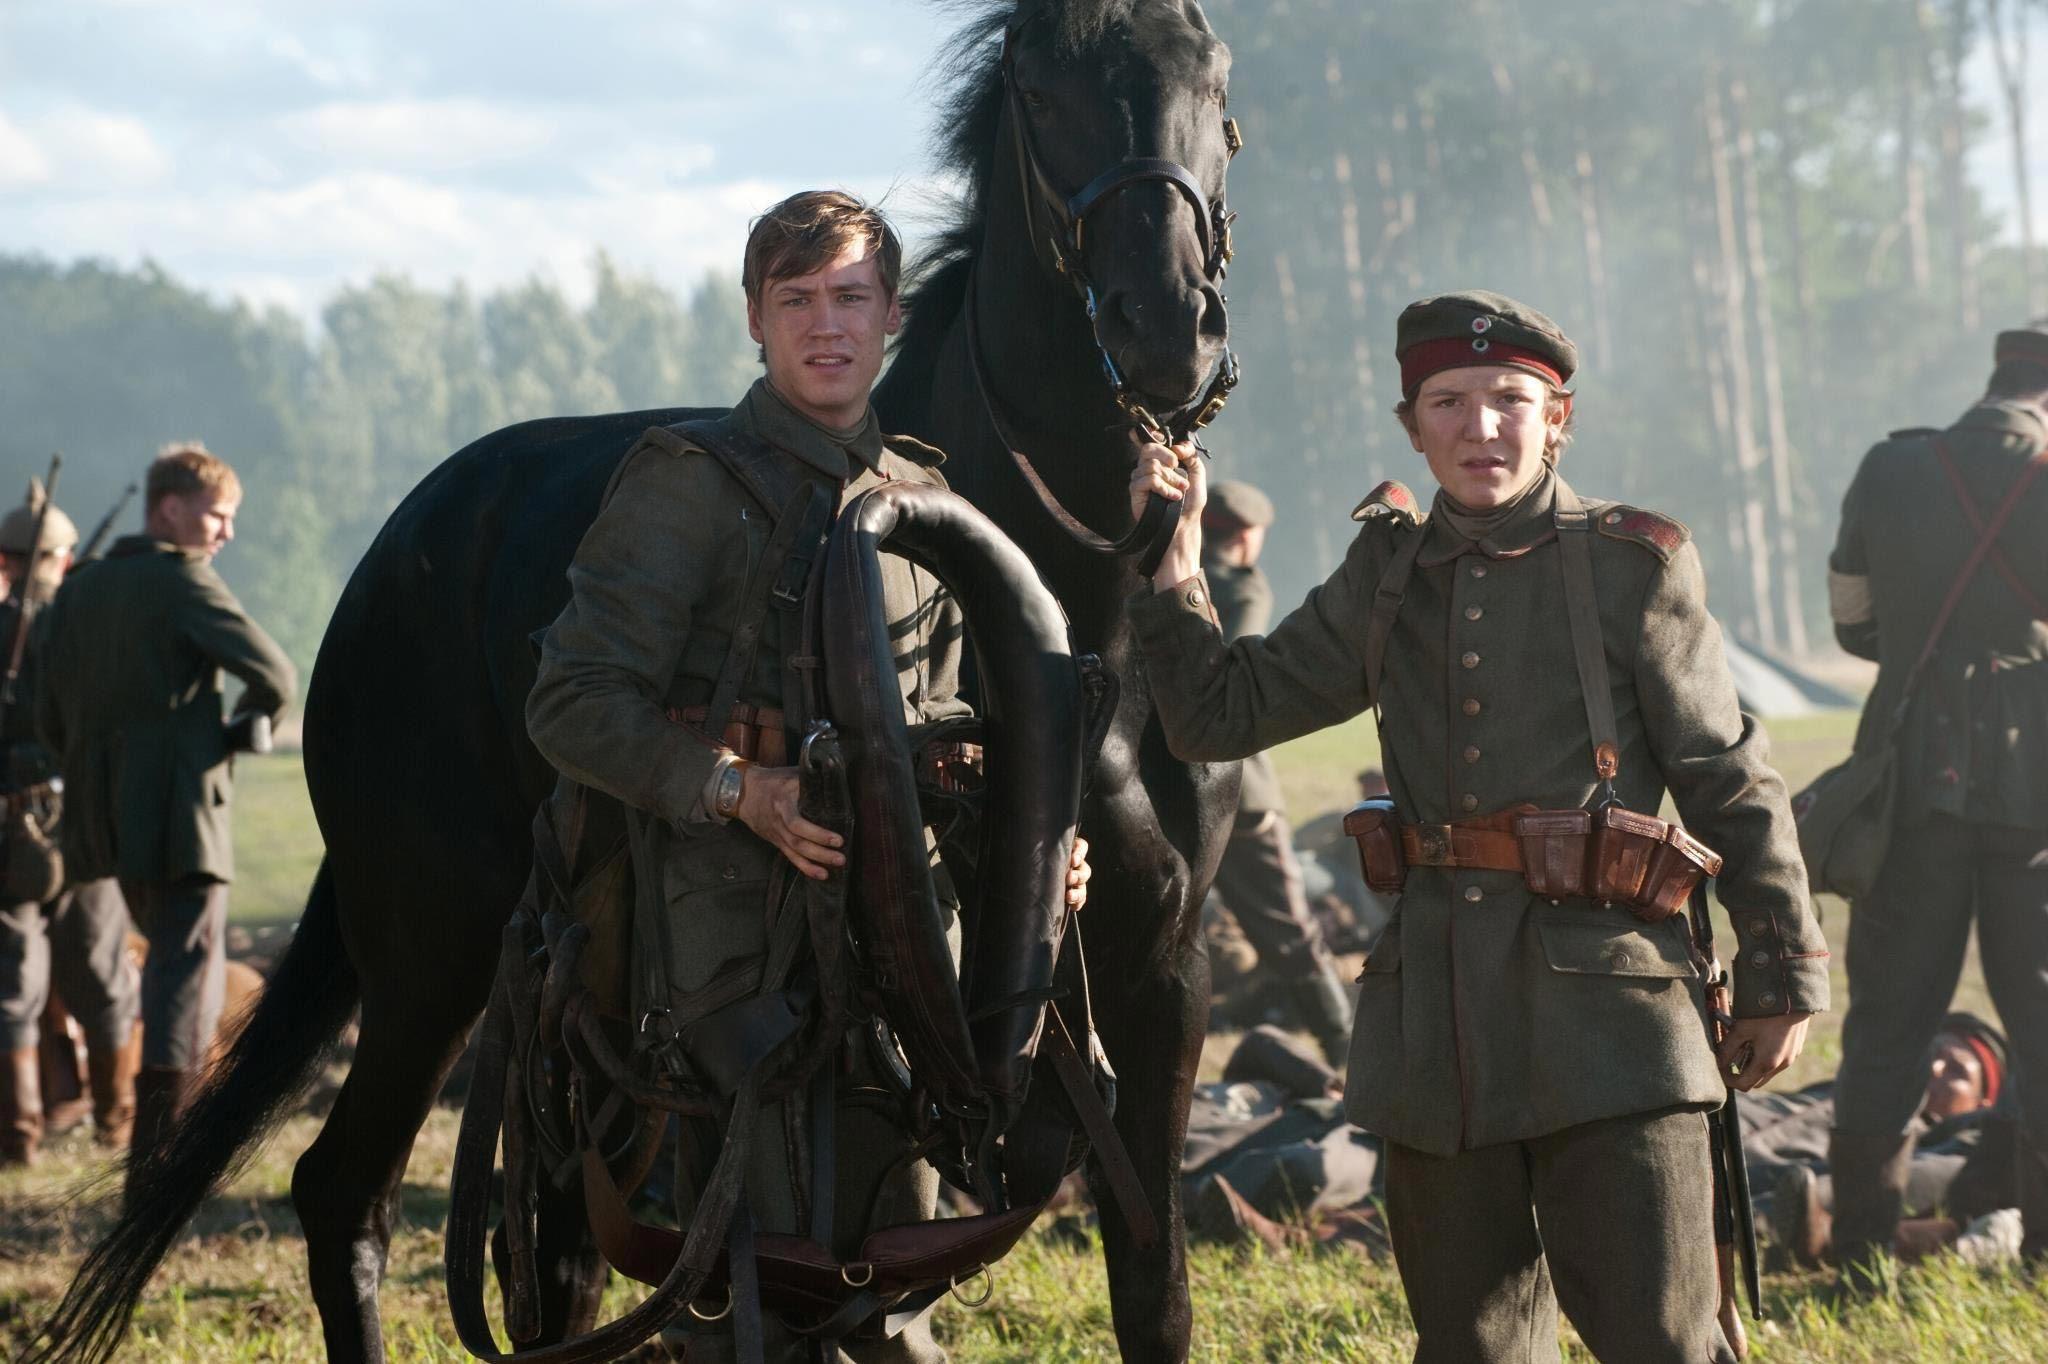 Pack Of Ipad Wod September 2011: Est100 一些攝影(some Photos): War Horse《雷霆戰駒》/《战马》/《戰馬》